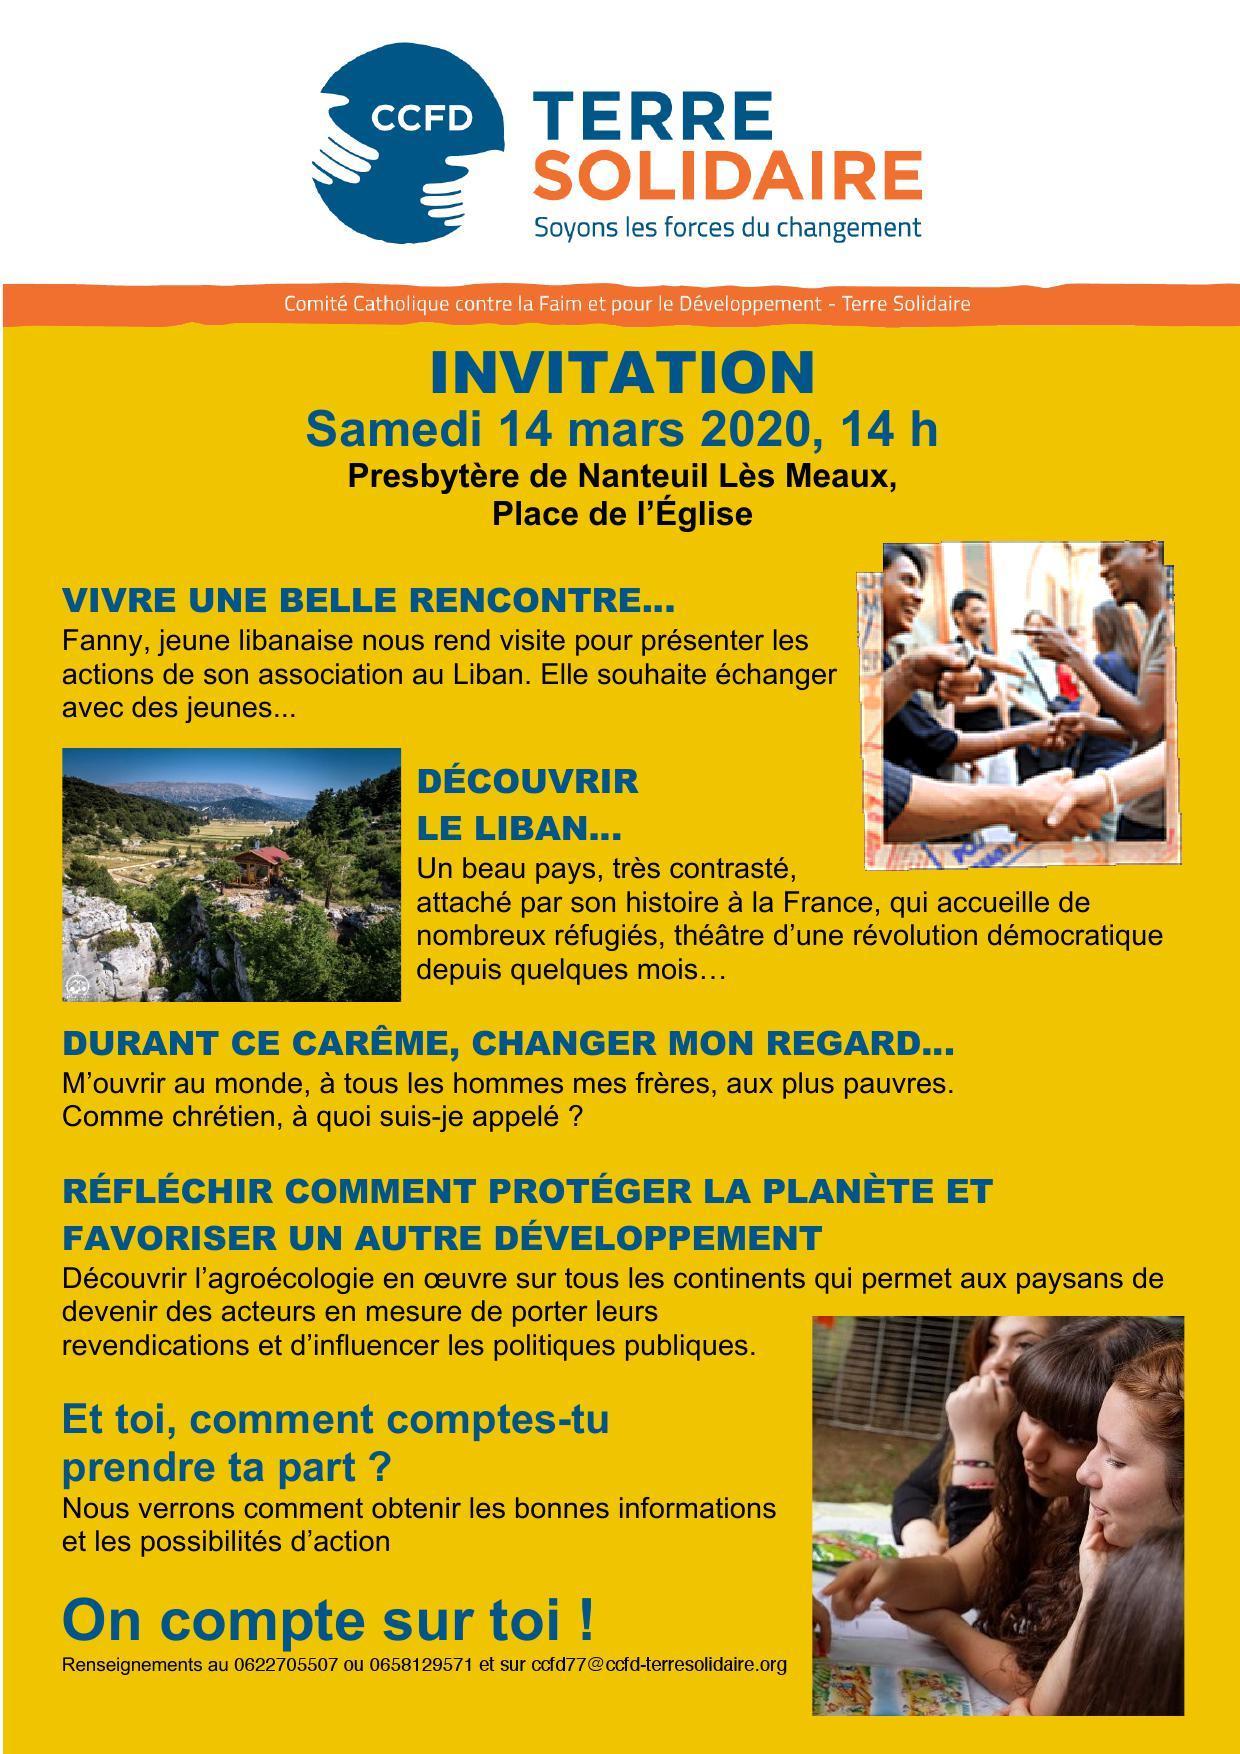 2020 03 14 nanteuil invit ccfd v4 000001